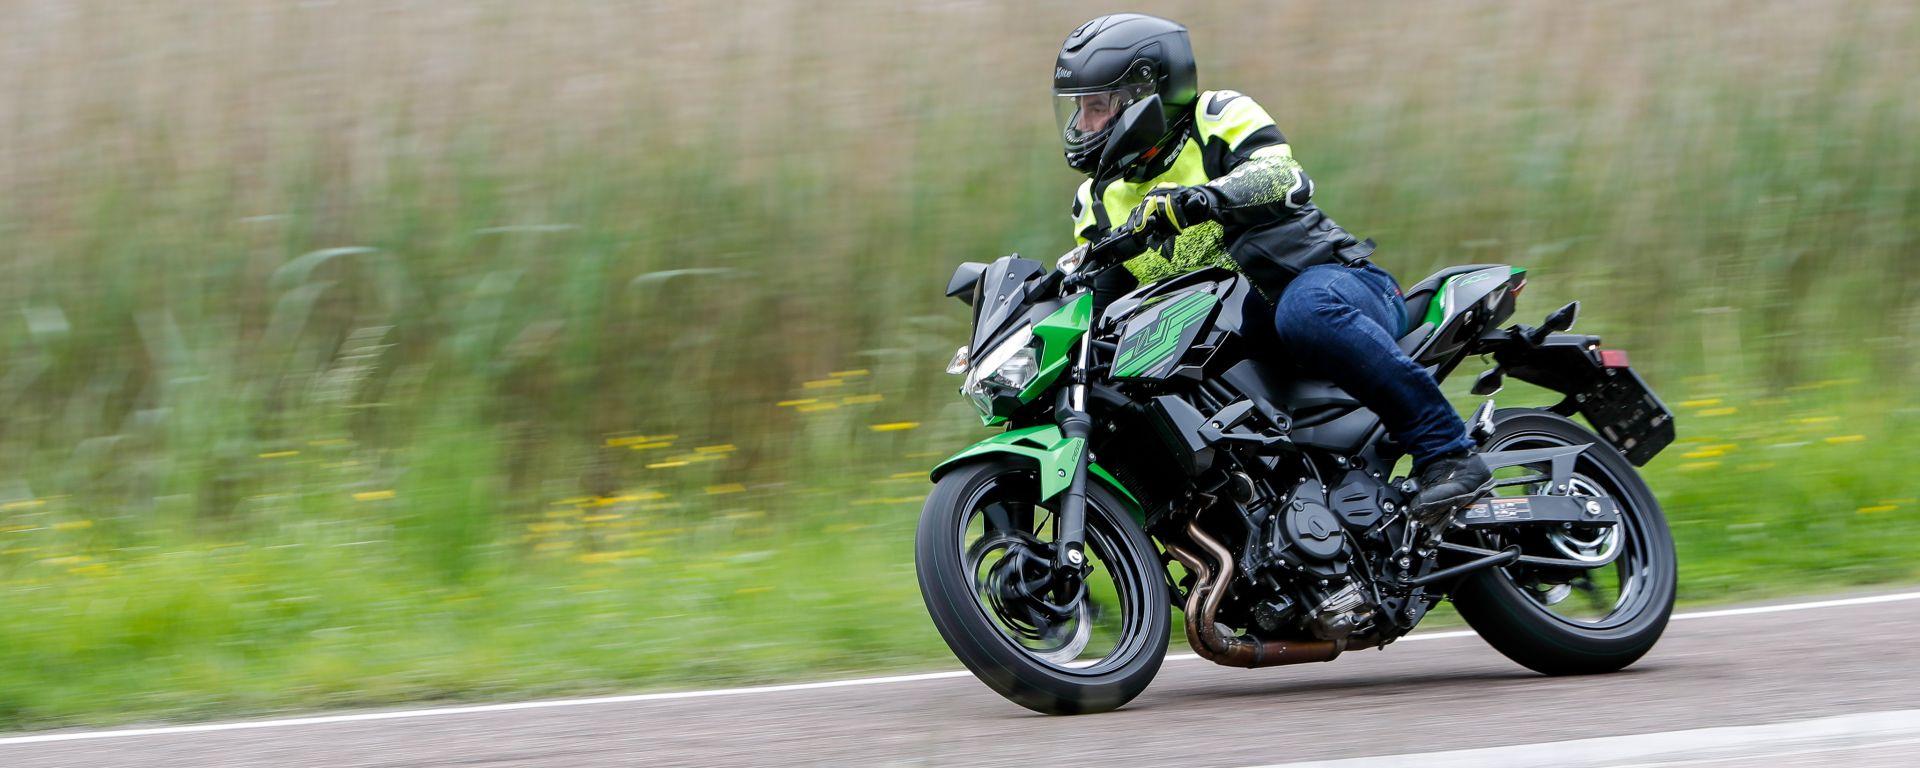 Kawasaki Z400: la nuda che piace ai giovani. Prova su strada